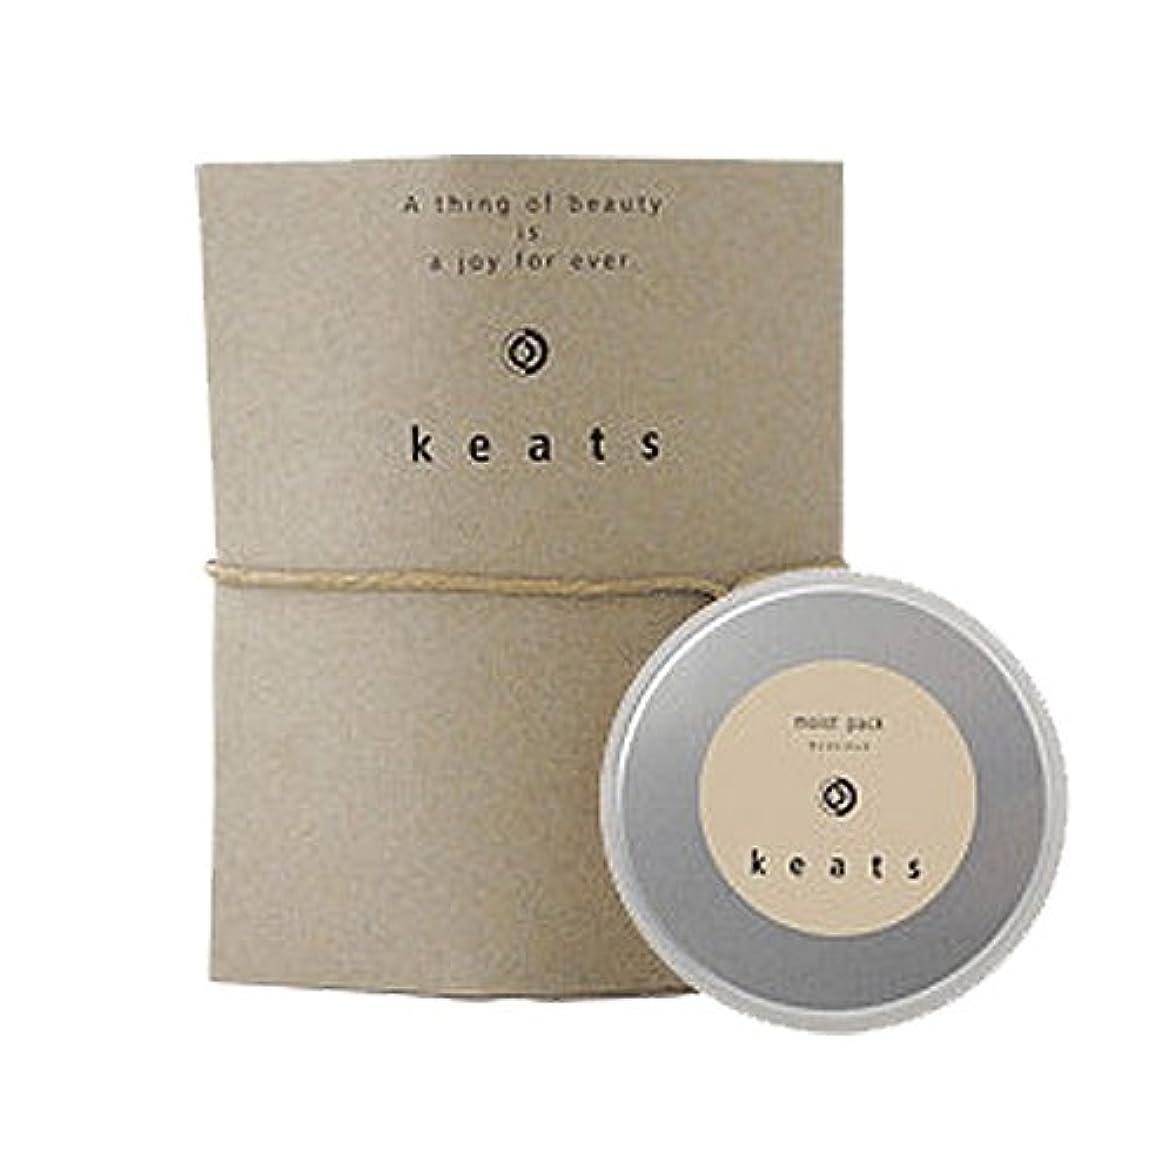 苦難選択する別にキーツ(keats) モイストパック 80g[並行輸入品]